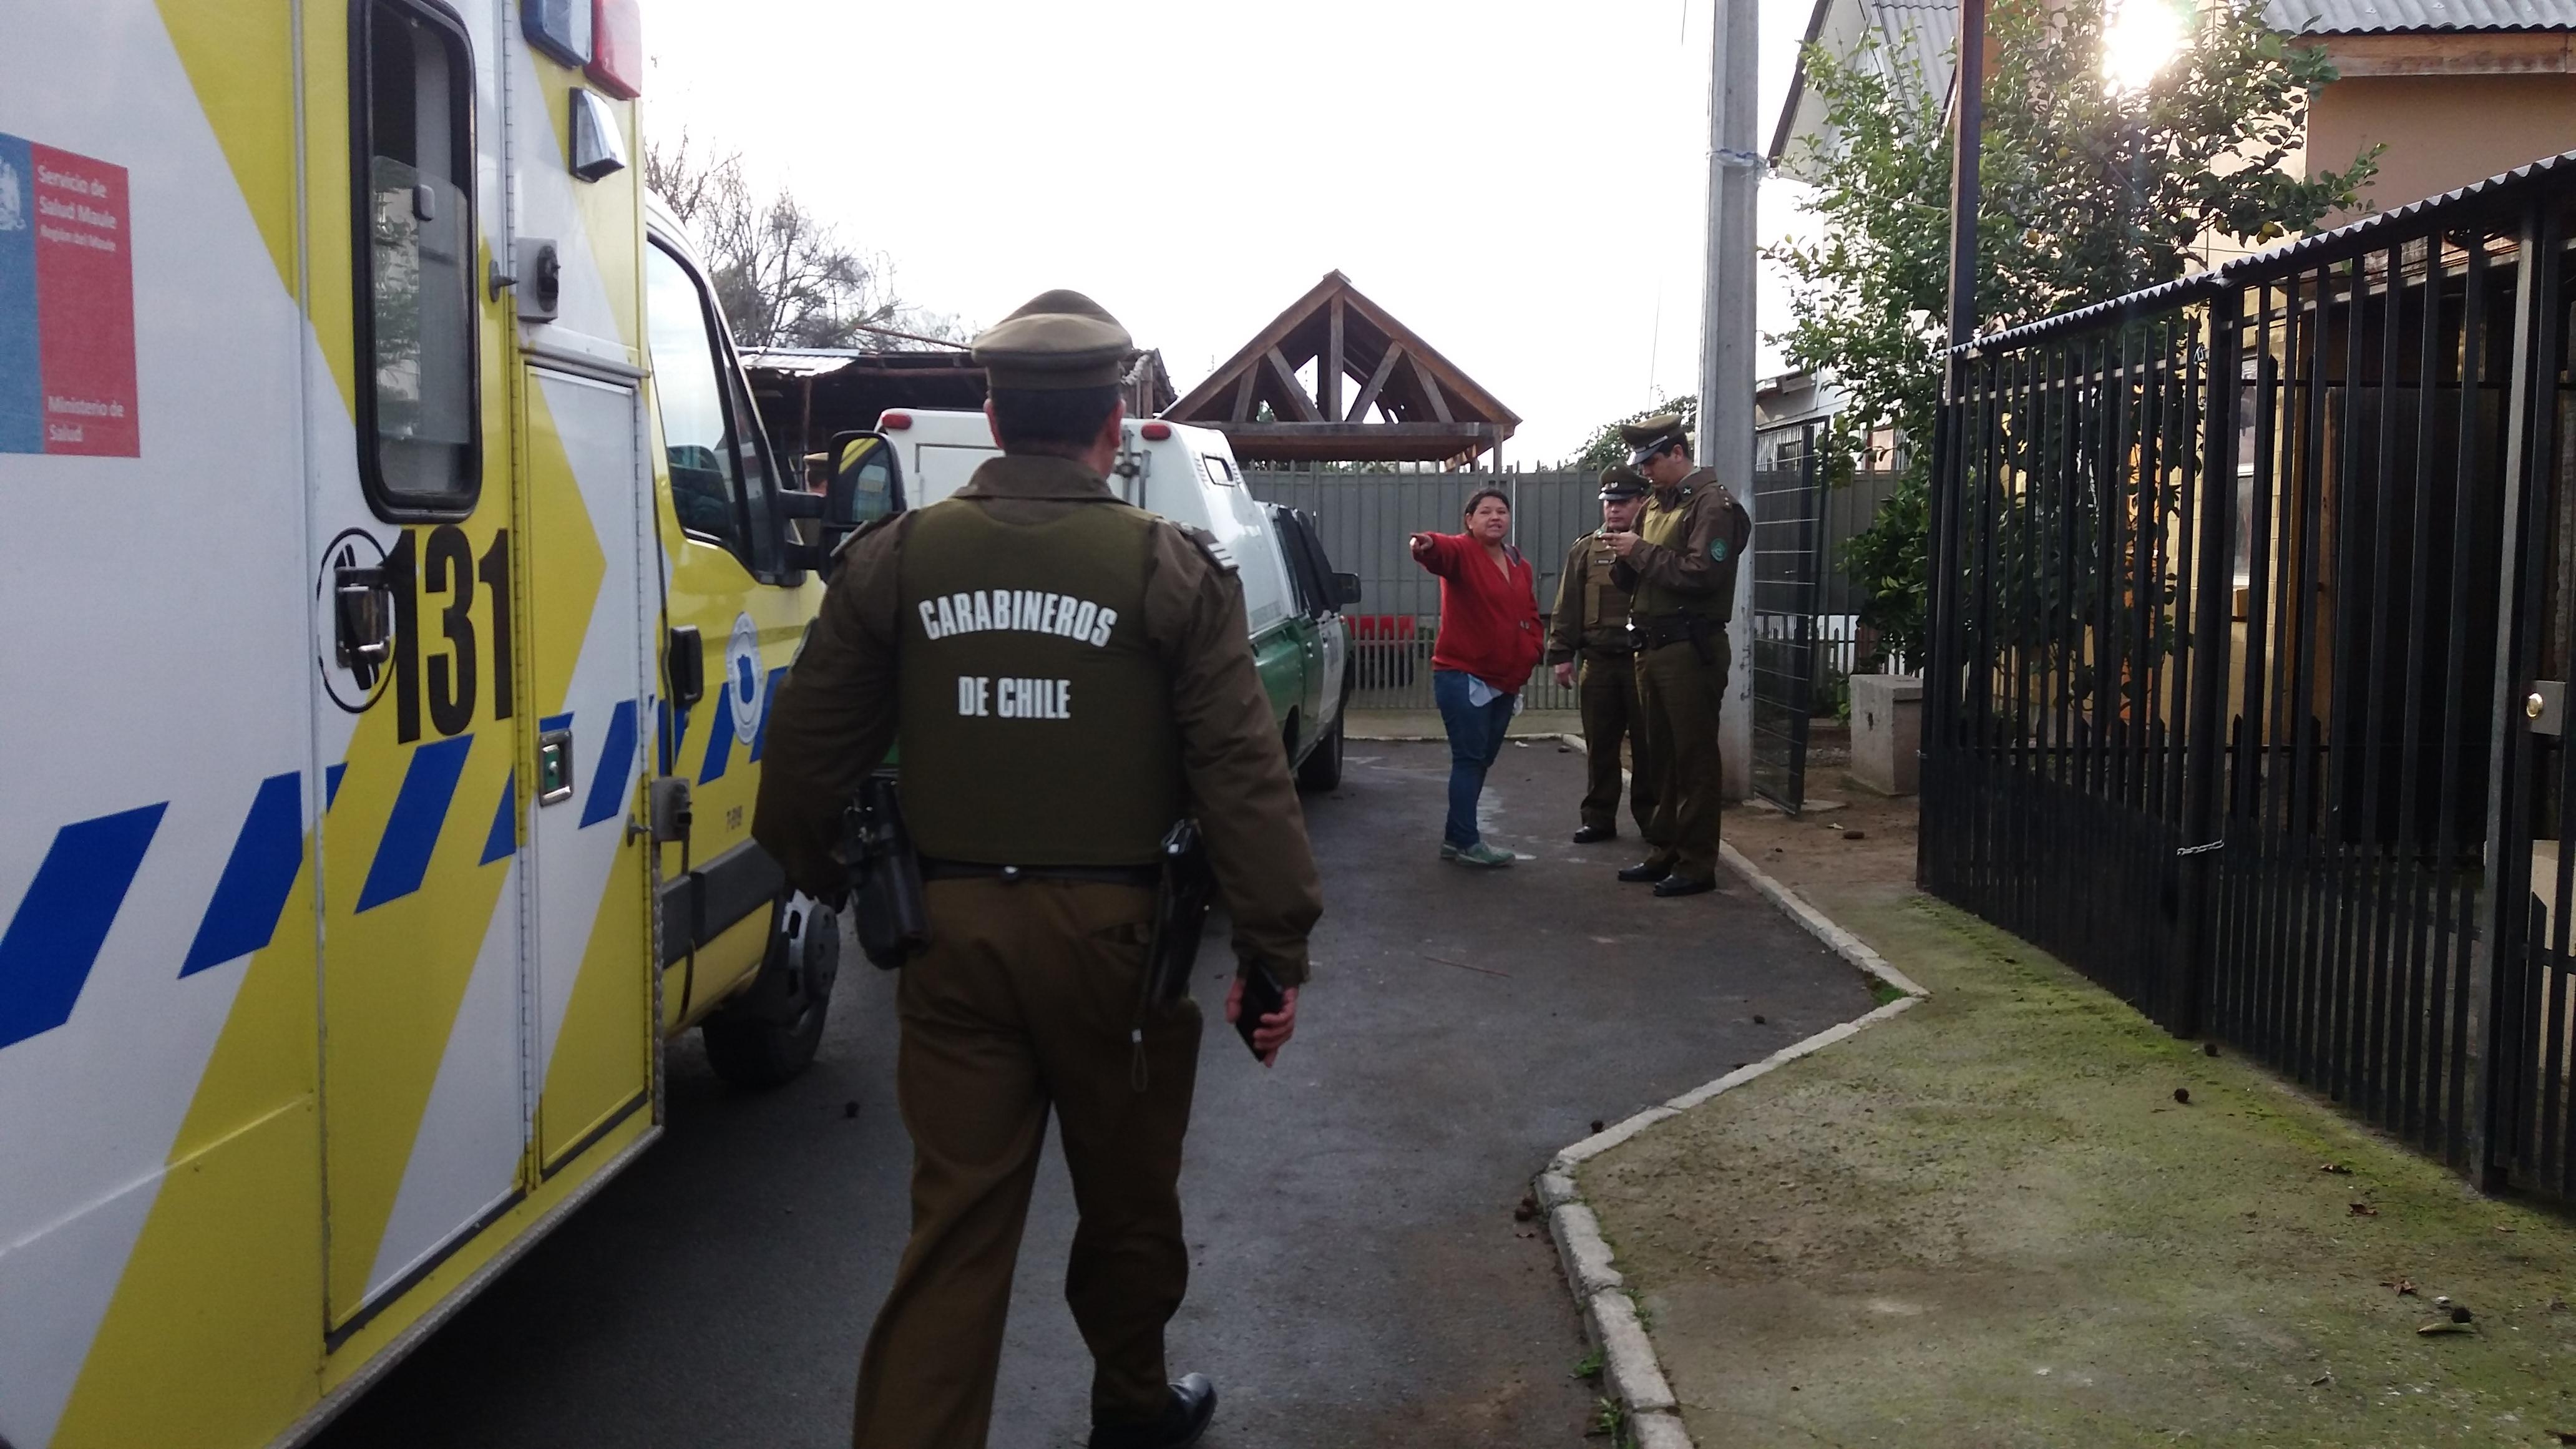 Balacera infernal termina con tres heridos en población Carlos González Cruchaga de Maule